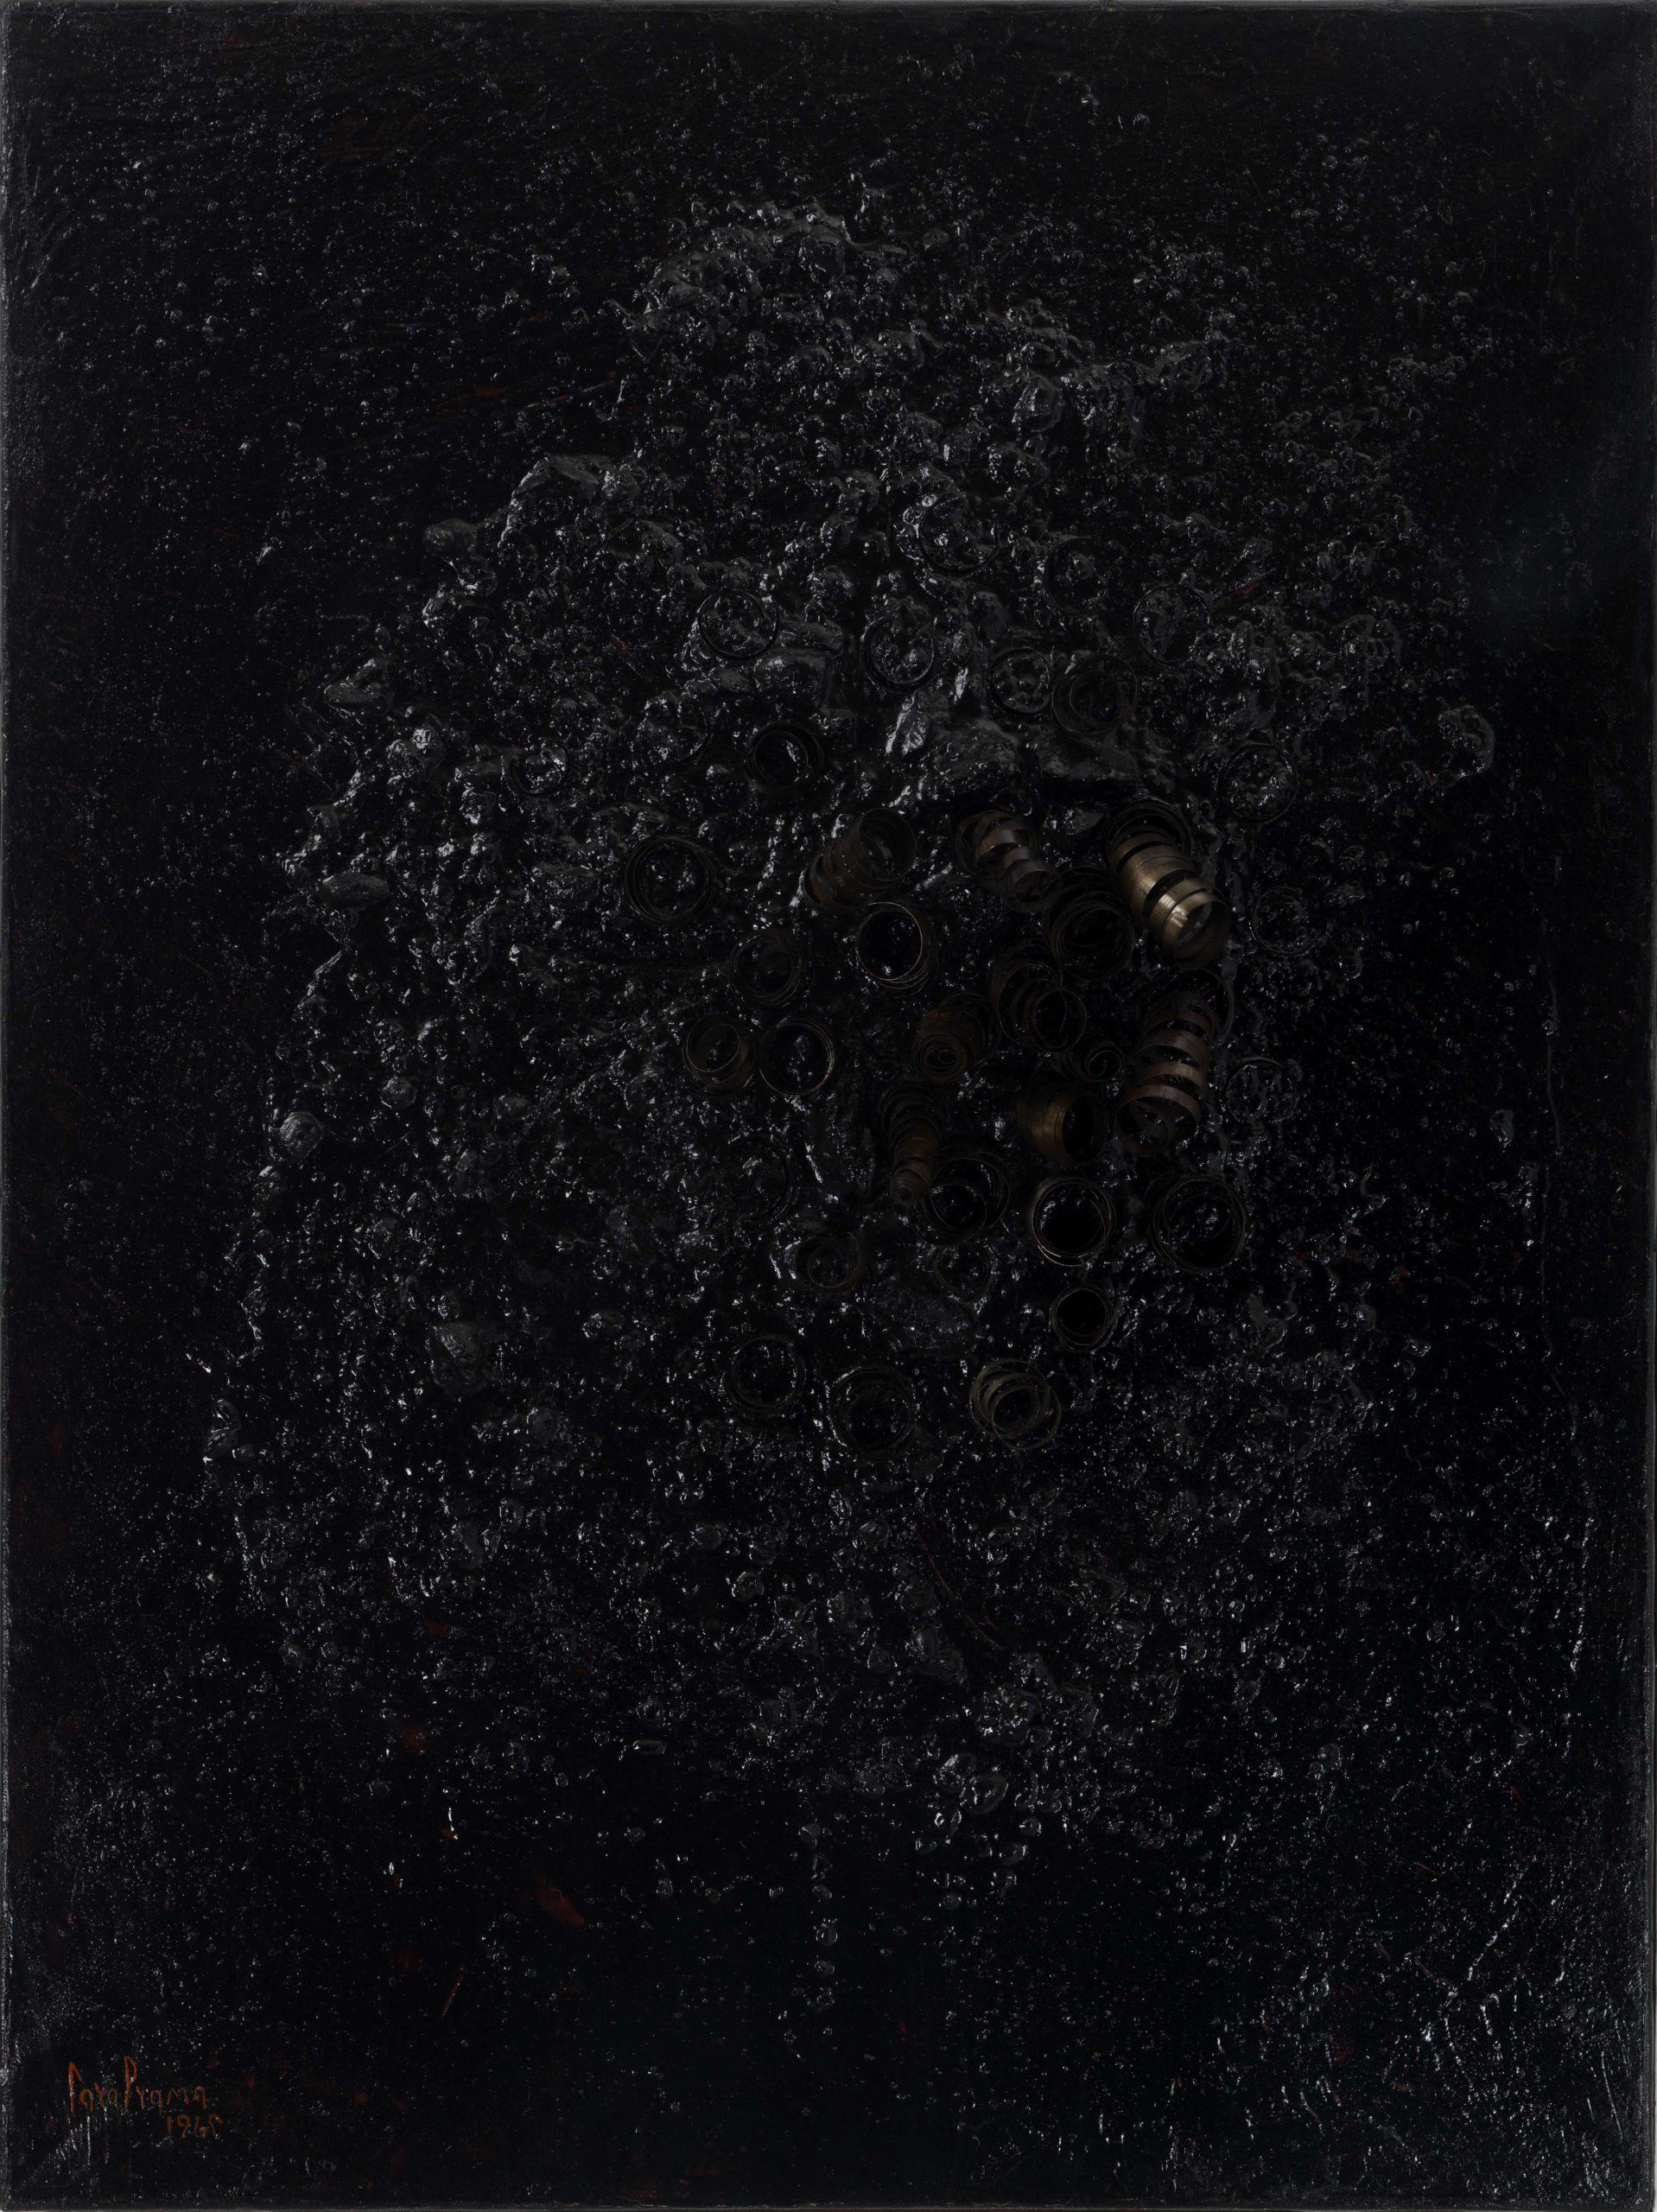 Carol Rama, Bricolage nero, 1965, Mischtechnik mit verschiedene Materialien auf Leinwand, 80 x 60 cm